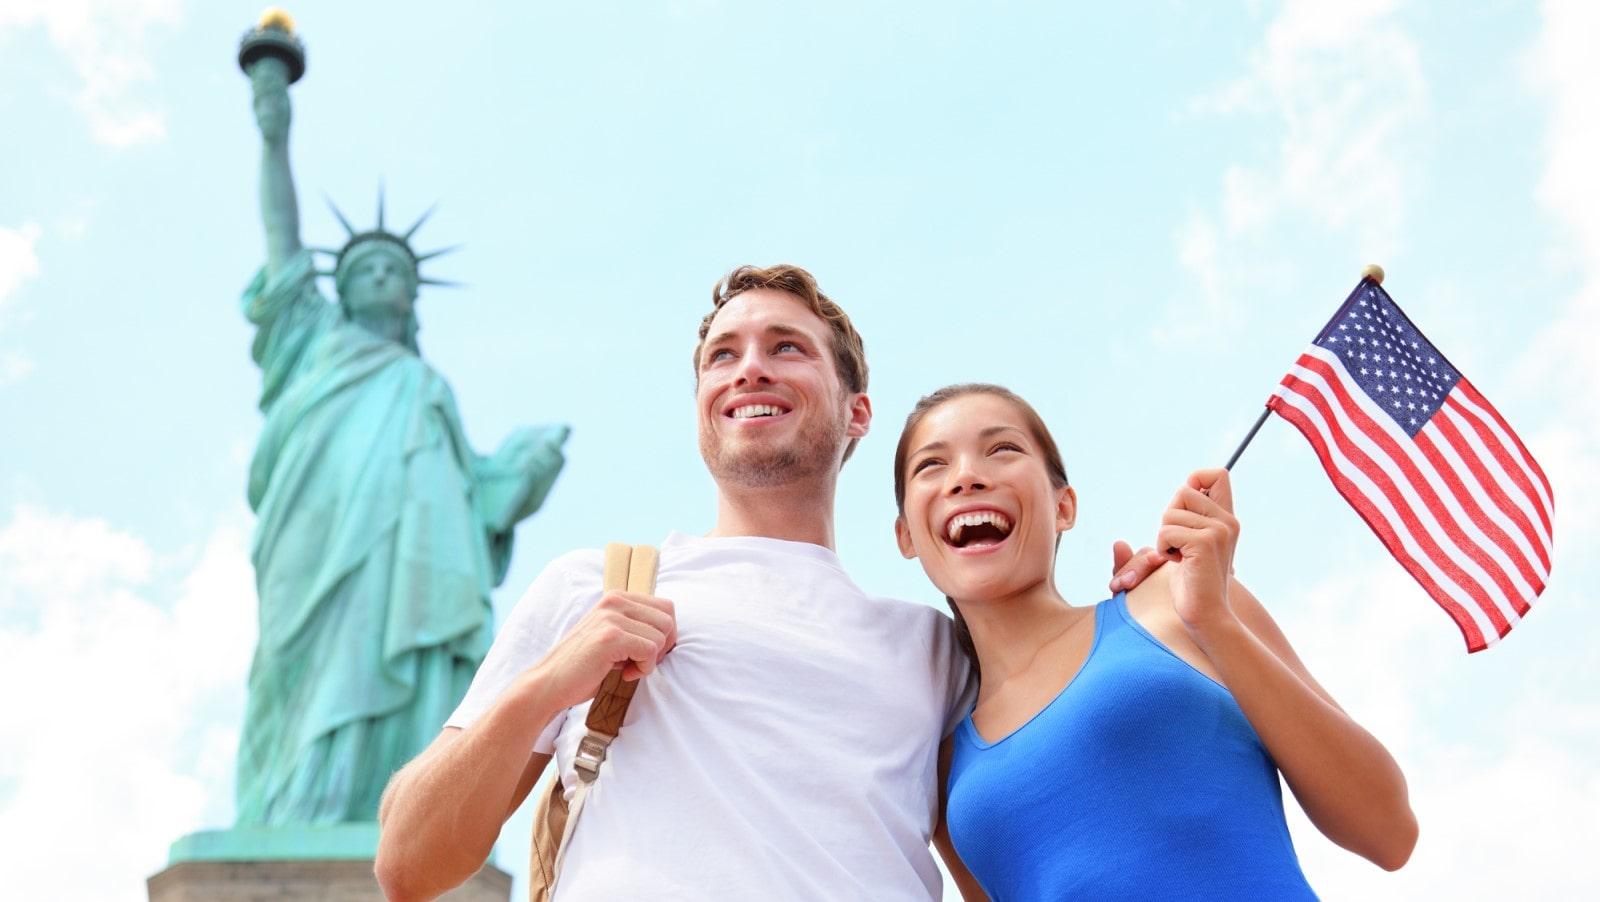 Viagem Surpresa aos Estados Unidos Wish&Fly Estados Unidos da América